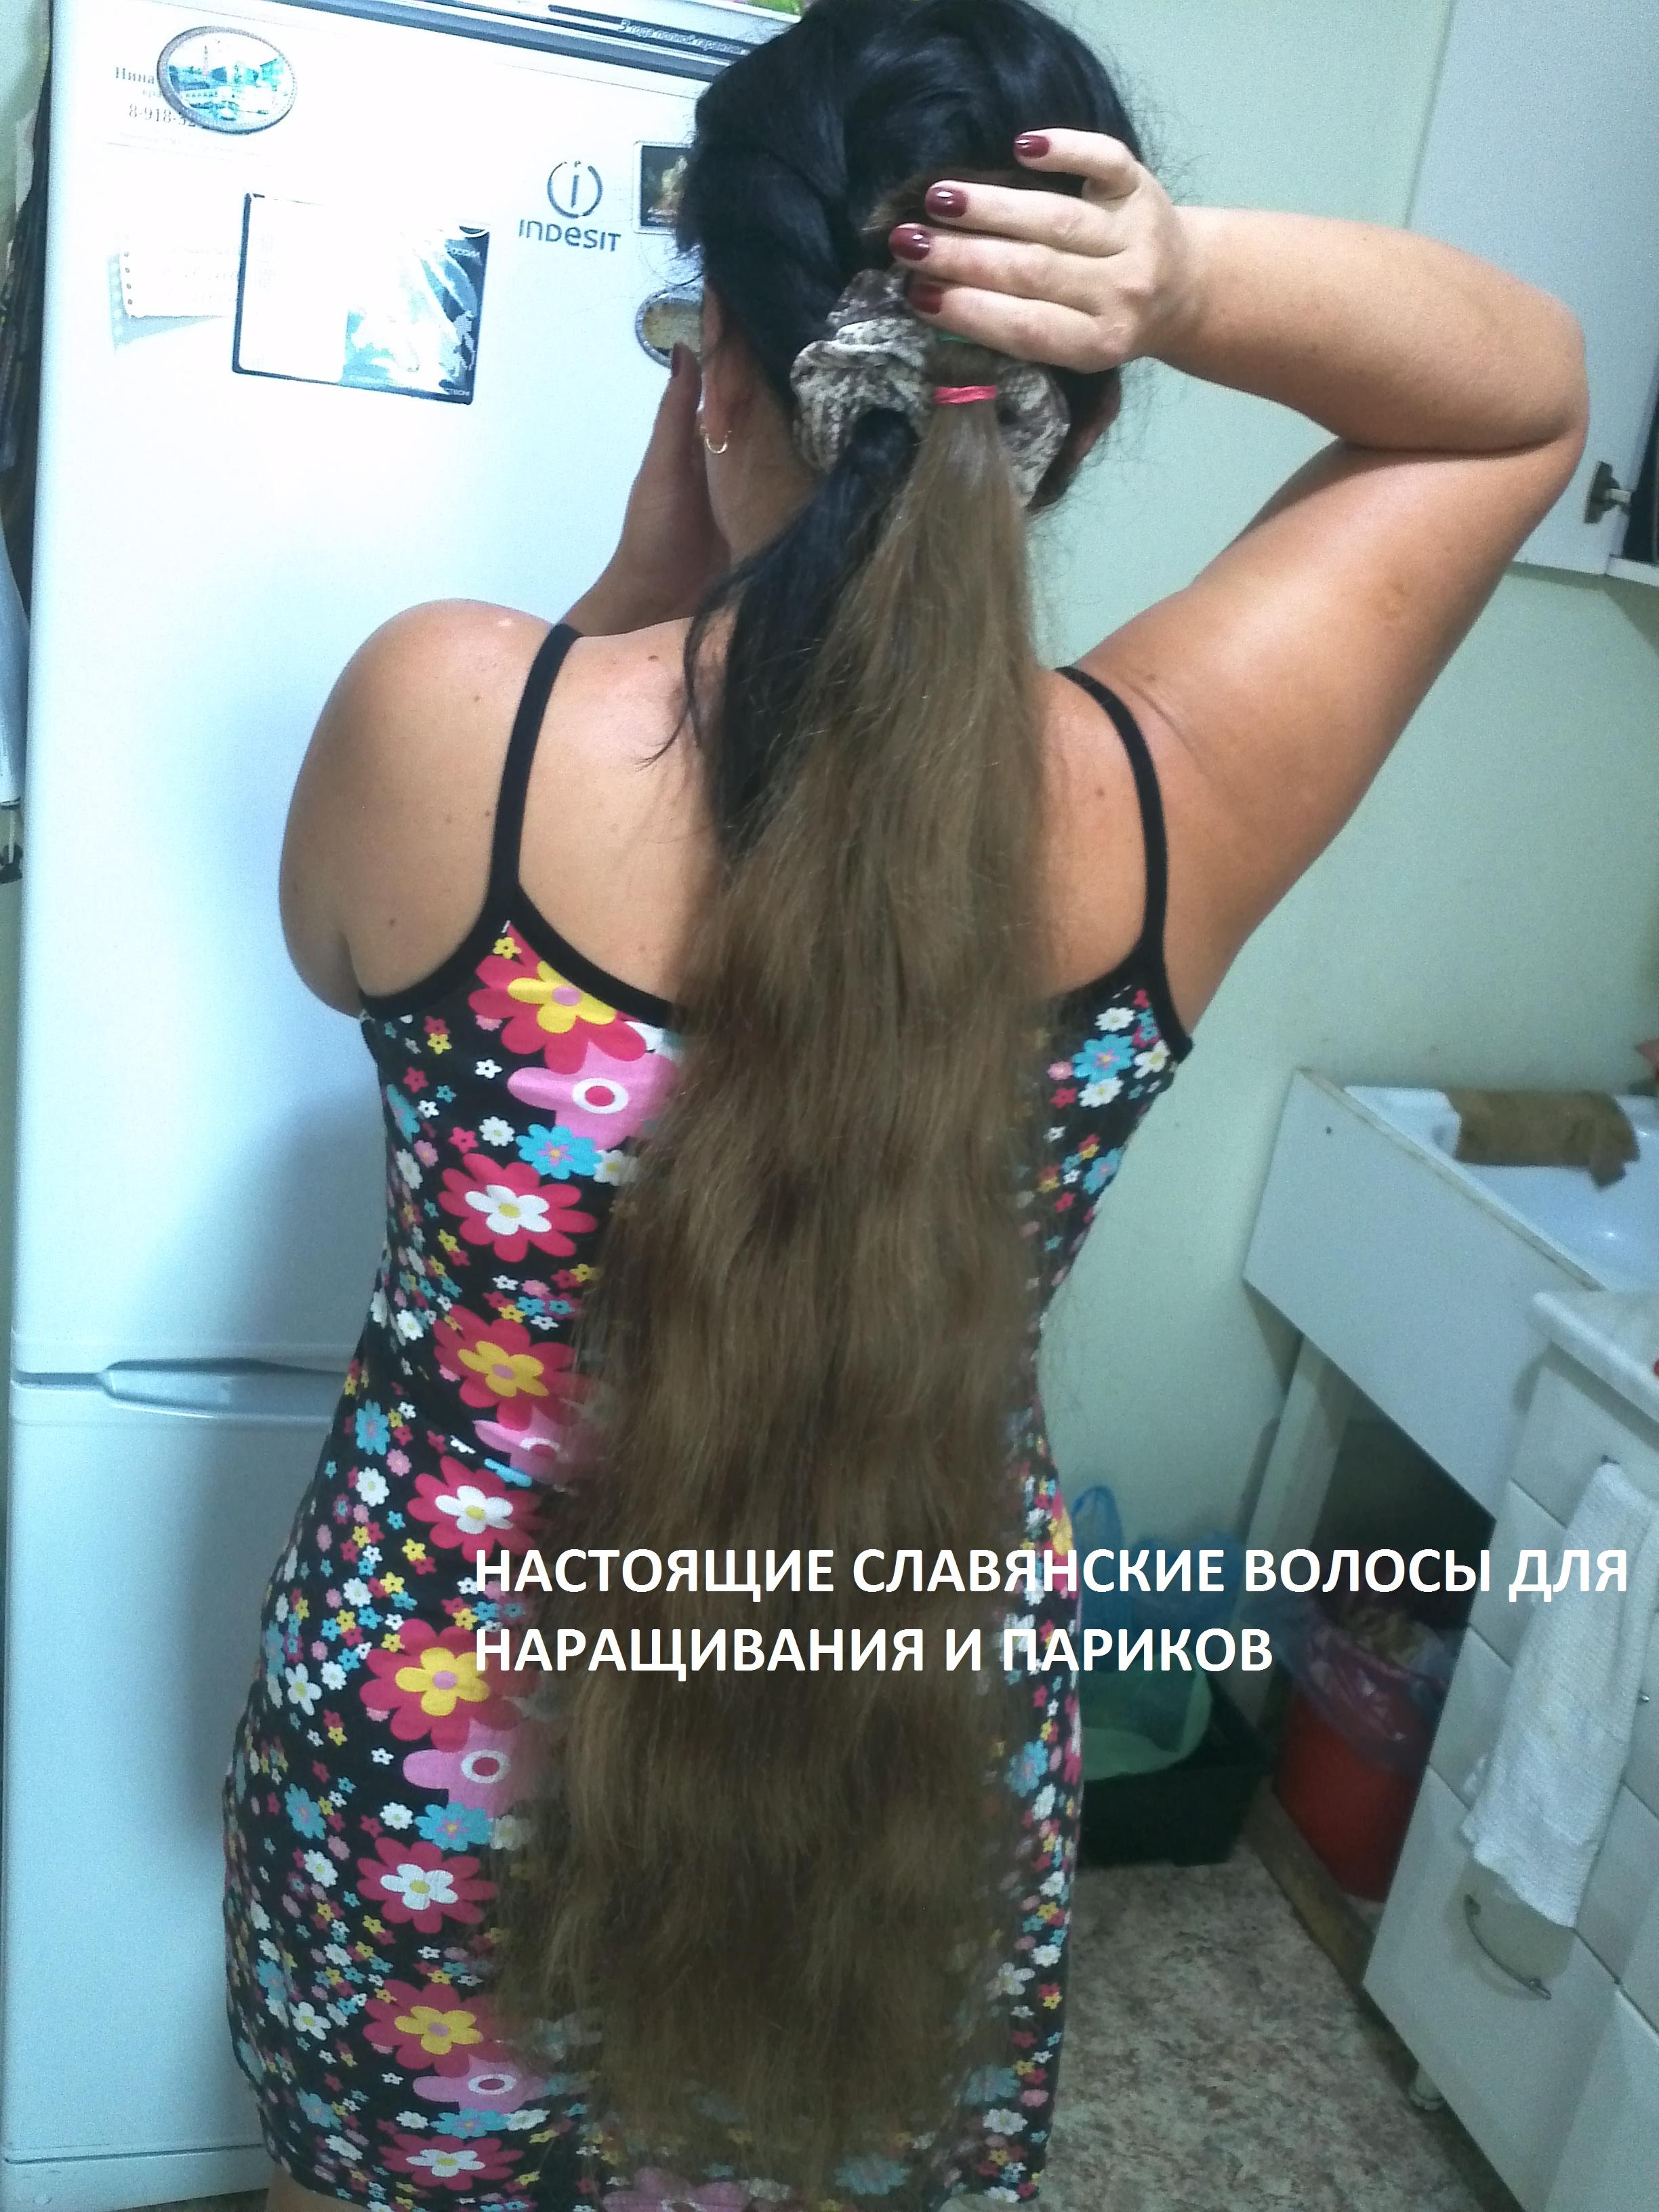 Только Настоящие Славянские волосы